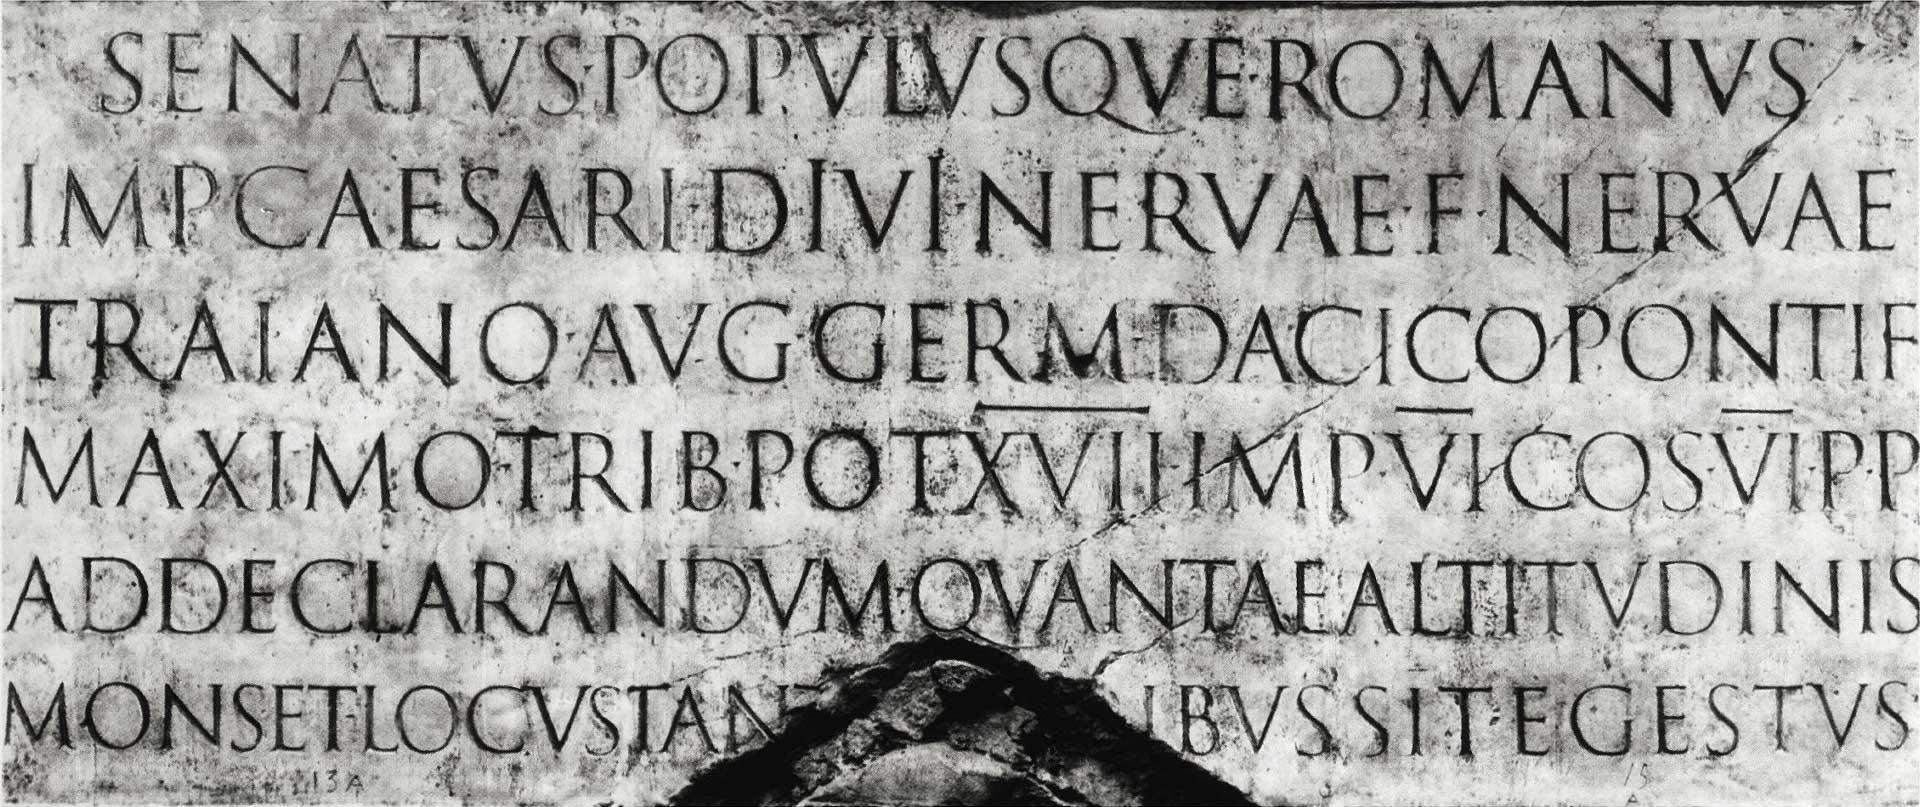 Liu Group Logo 的字體選用靈感來自於古羅馬時期的 Trajan 石碑文字